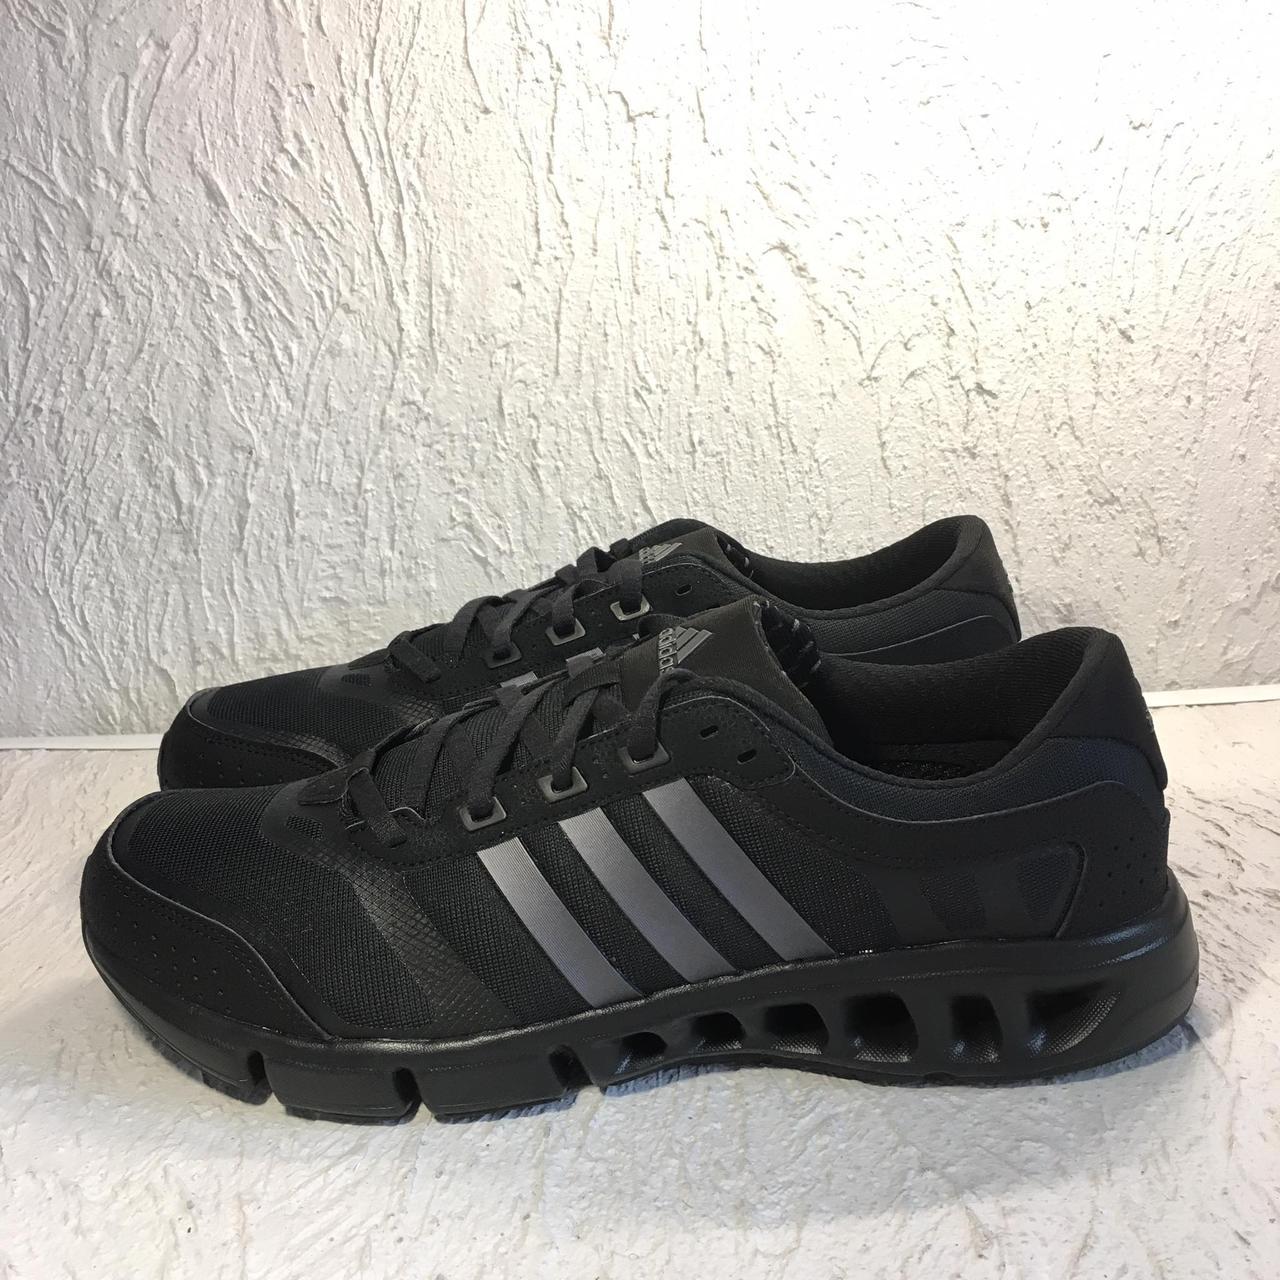 Мужские кроссовки adidas CLIMACOOL VIZRIDA (АРТИКУЛ:FW7773) 41, 42, 42,5, 43, 44, 44,5, 45, 45,5.. размер